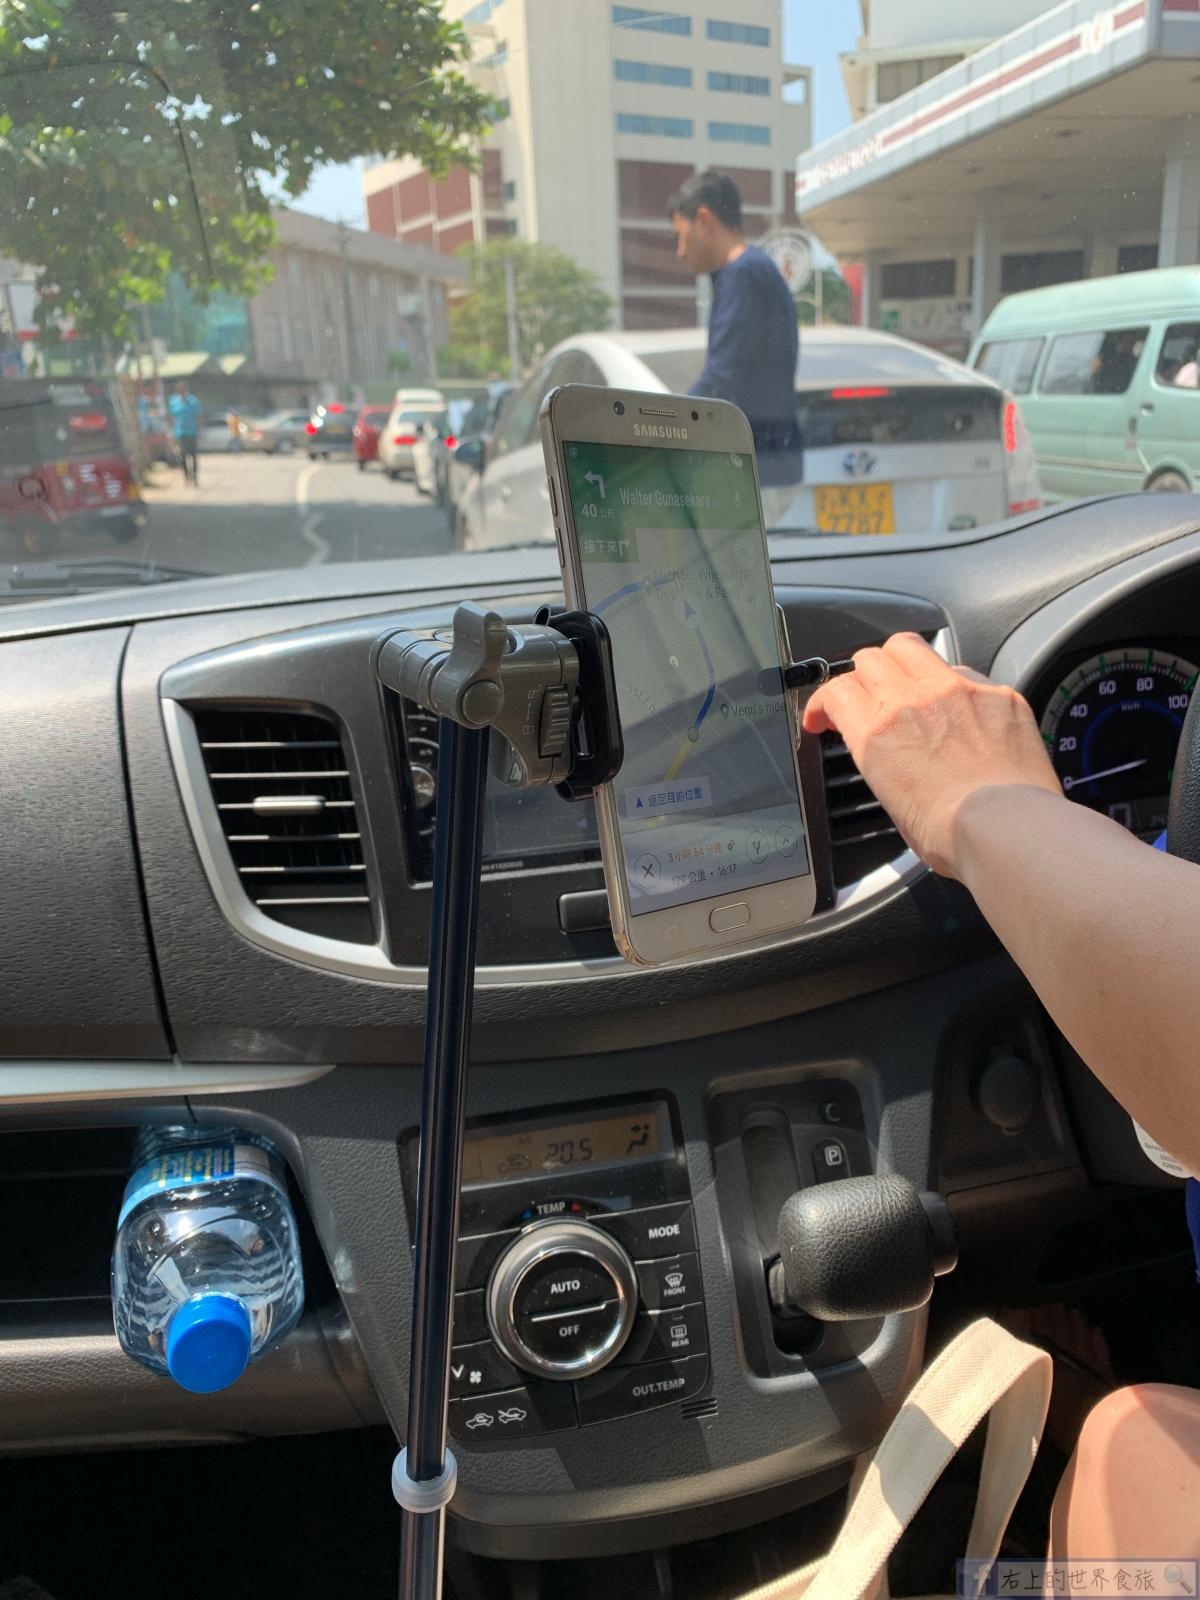 斯里蘭卡旅遊-自駕心得、租車費用、駕駛注意事項:自駕玩斯里蘭卡超自在 @右上的世界食旅